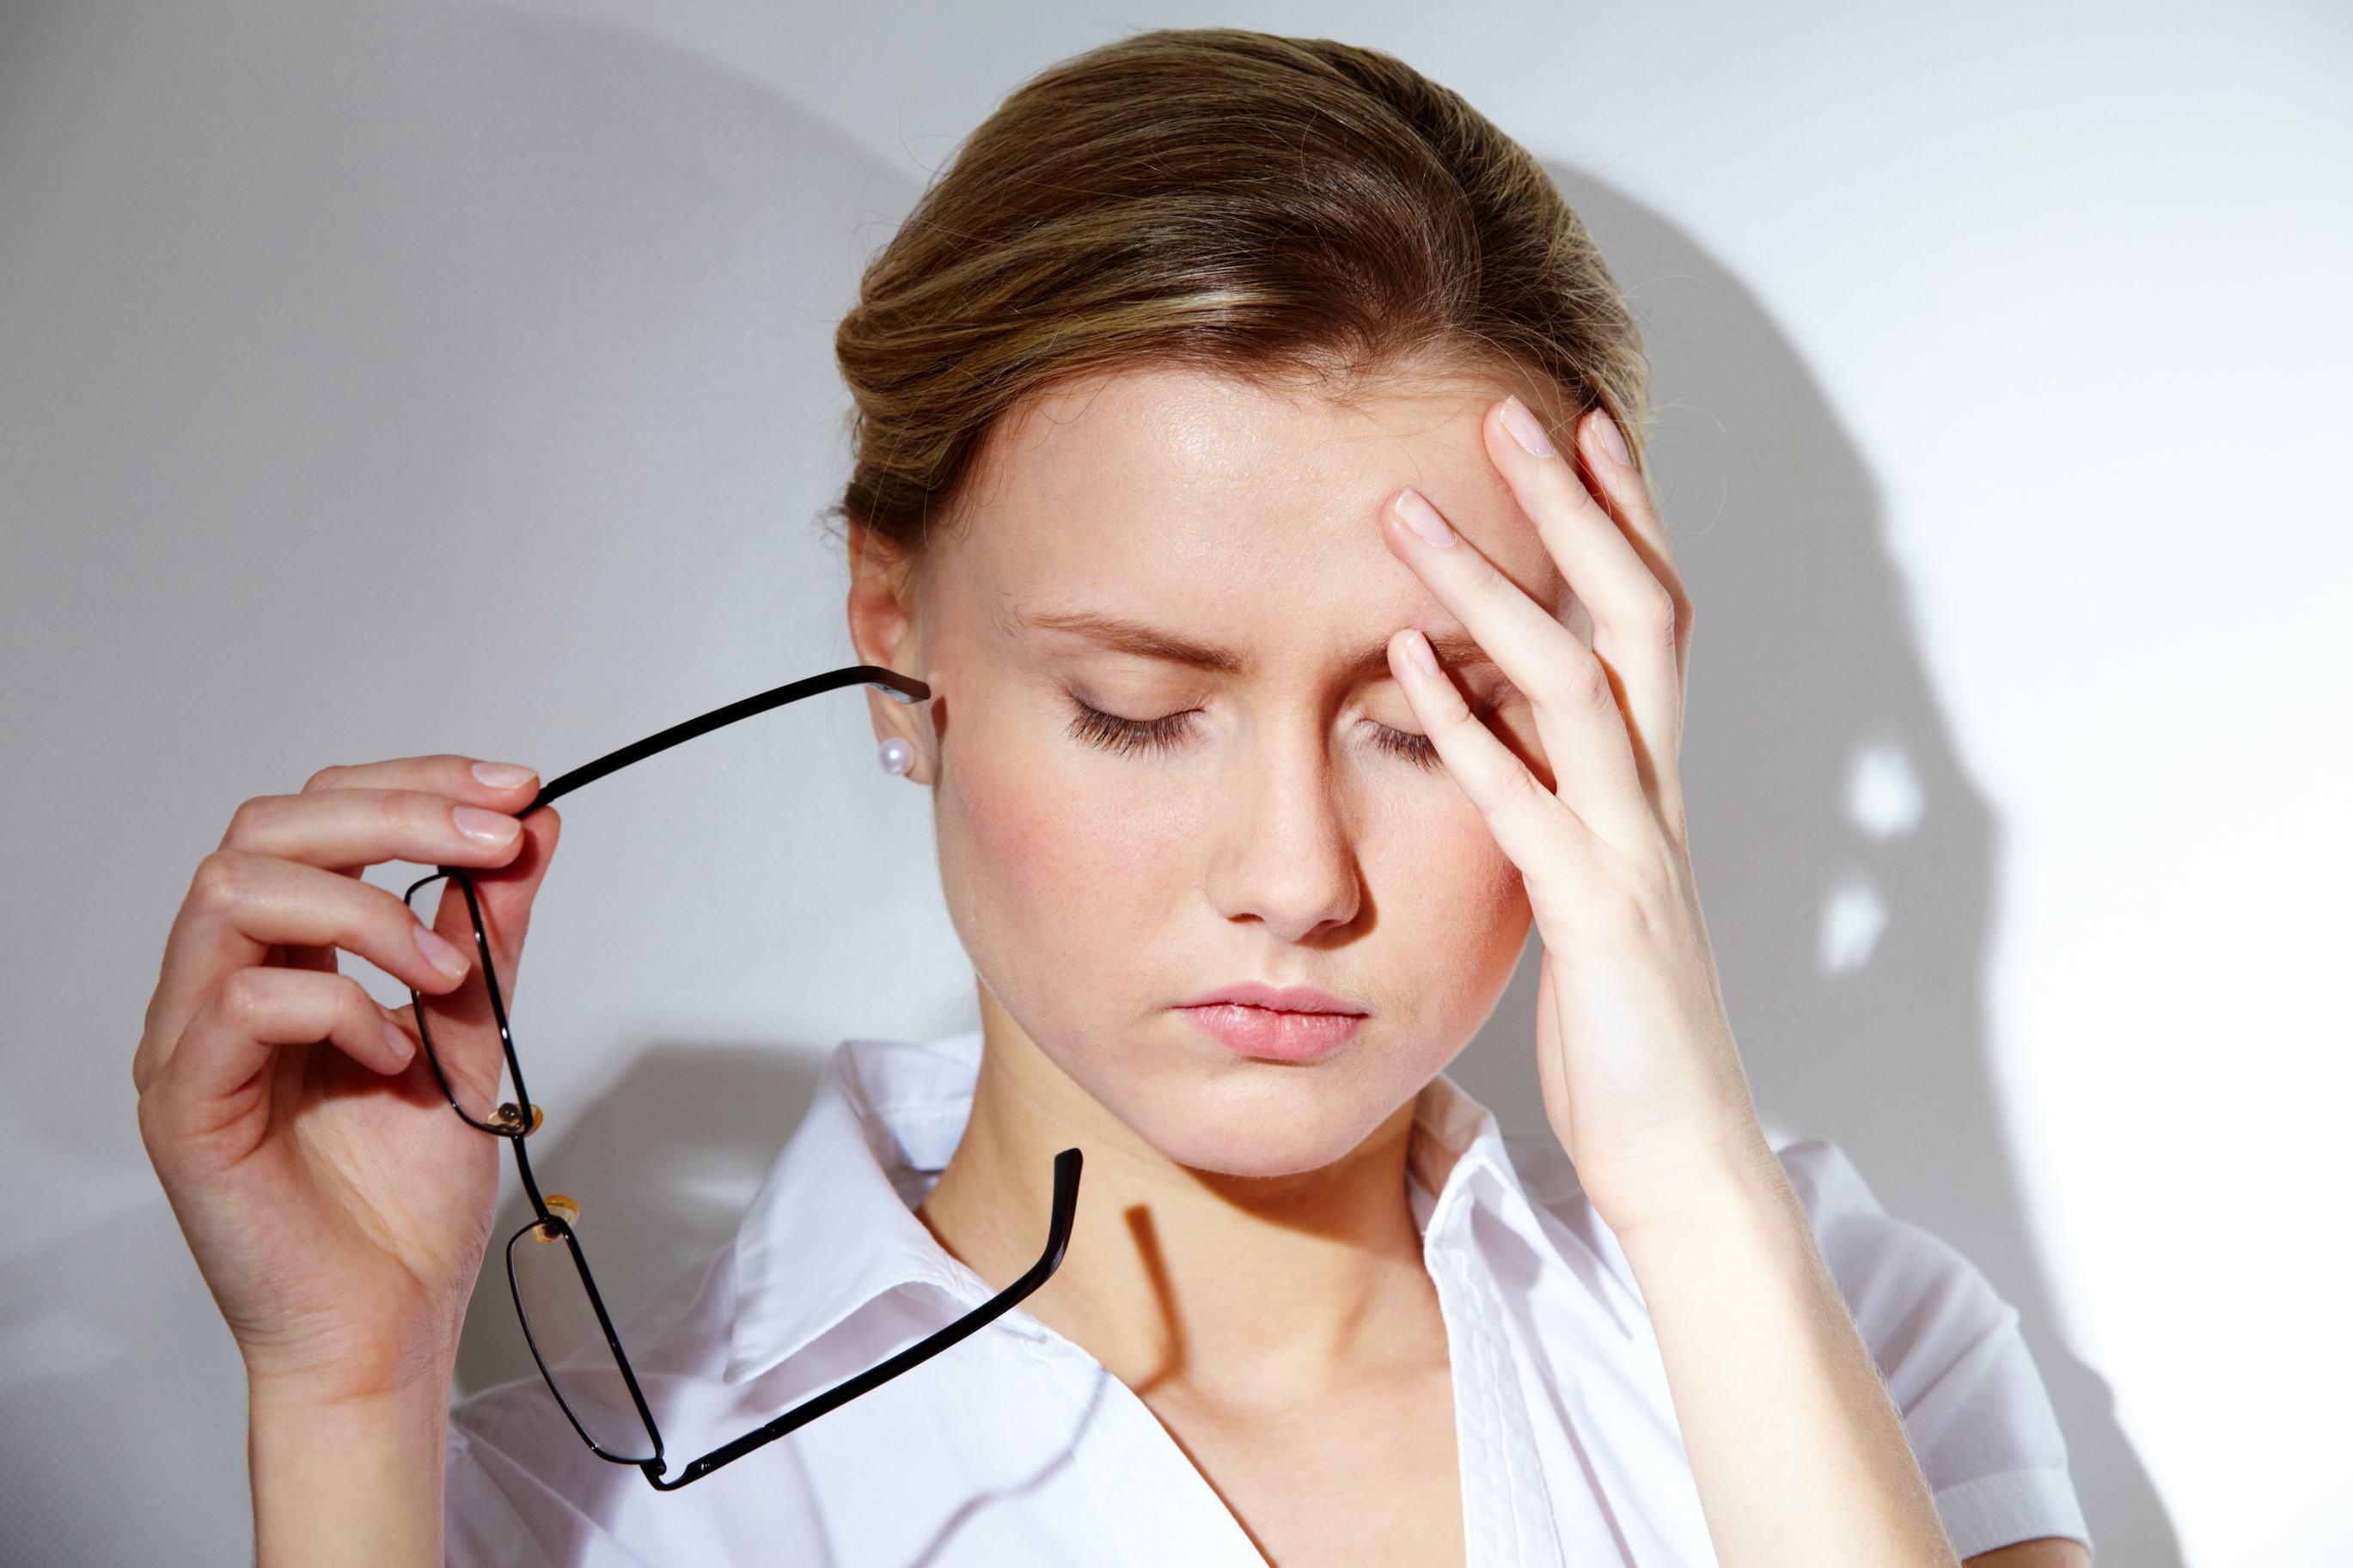 Cảm thấy Mệt mỏi thường xuyên – Triệu chứng bệnh gì, phải làm sao